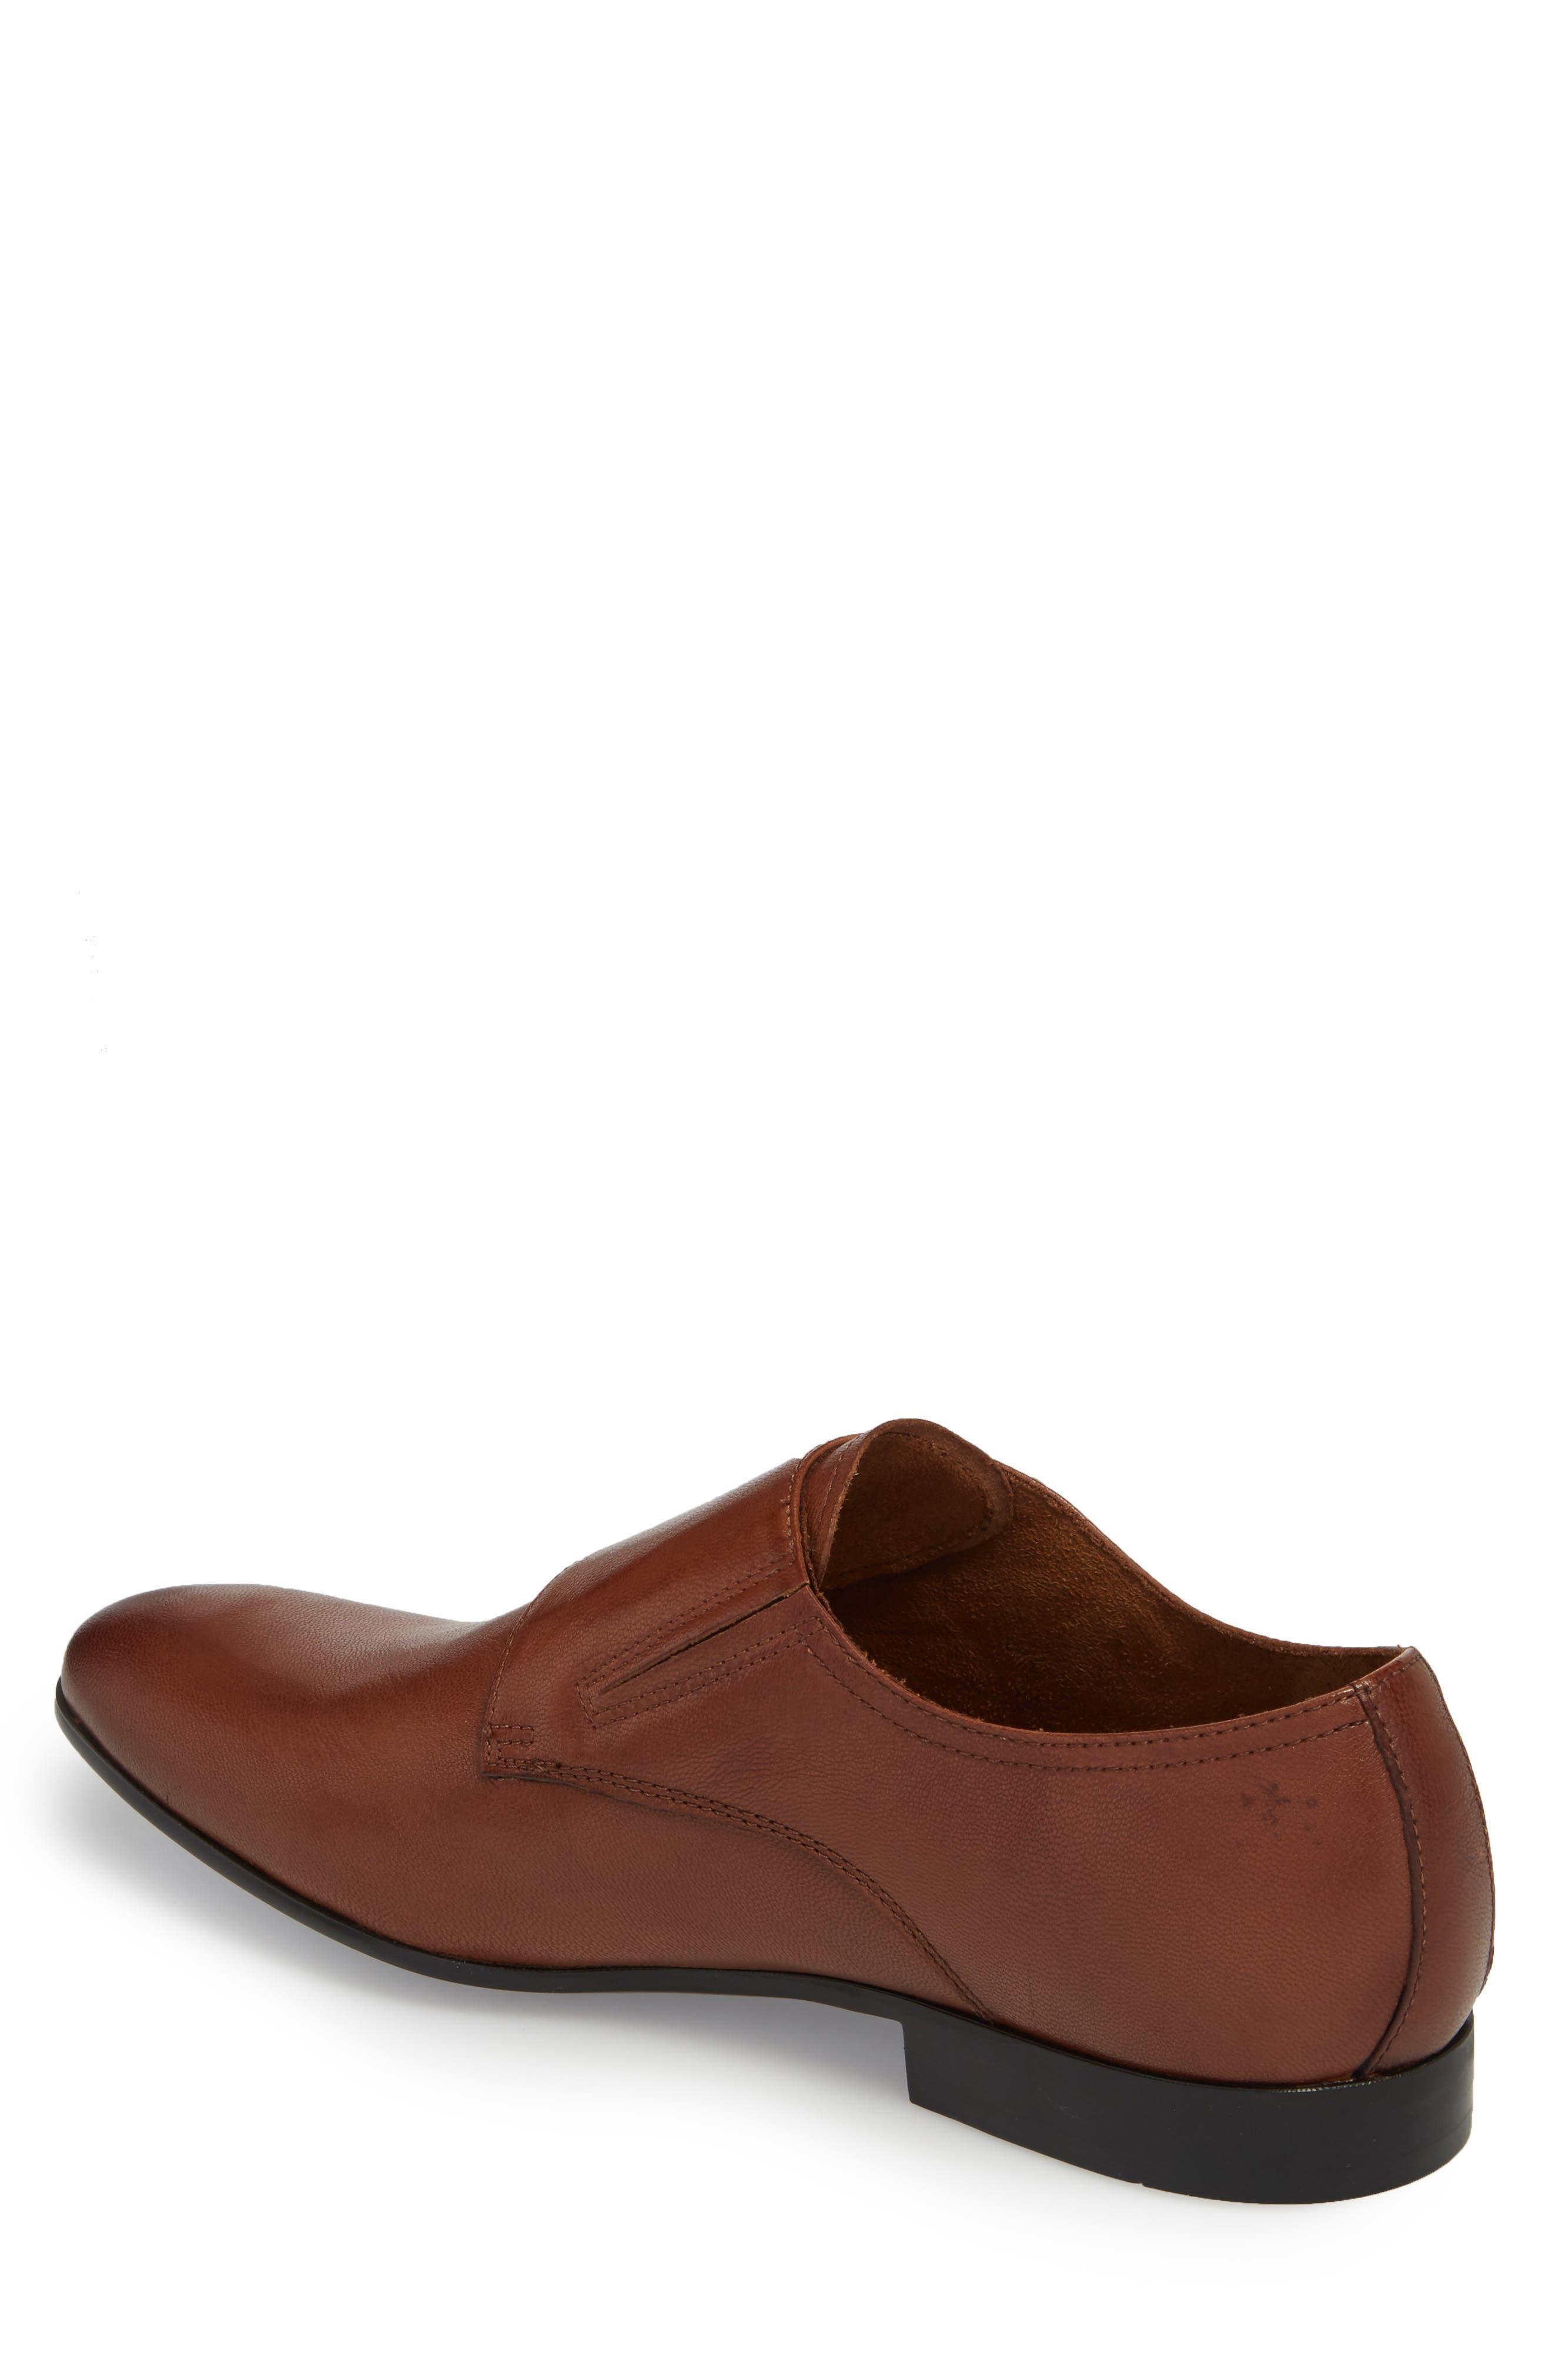 Mix Double Monk Strap Shoe,                             Alternate thumbnail 2, color,                             Cognac Leather